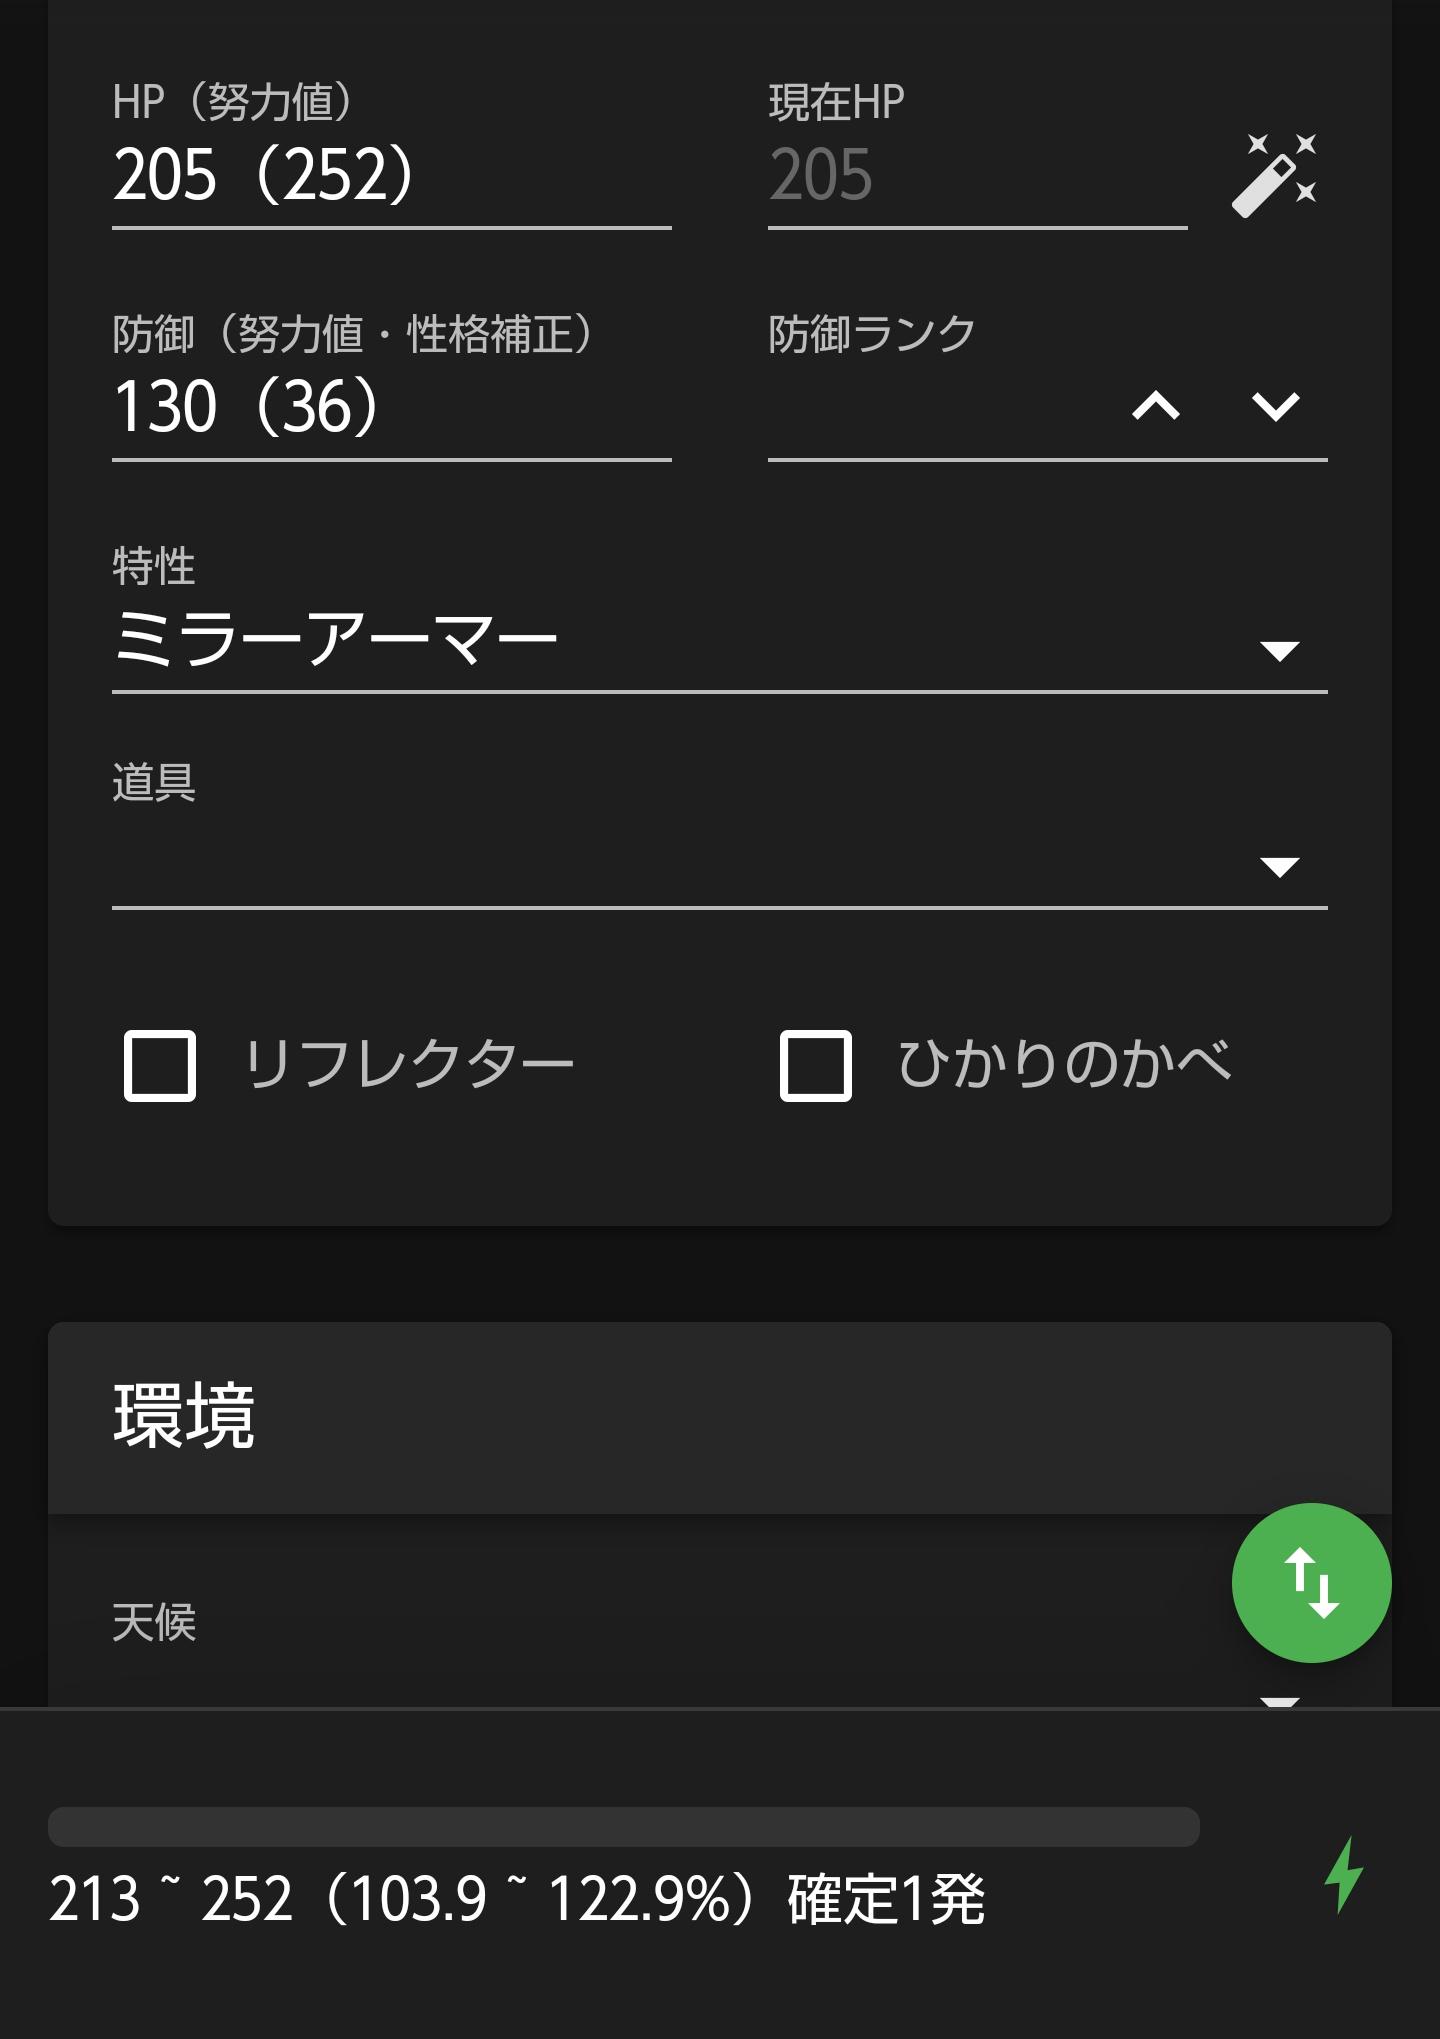 調整 アッキミミッキュ 【SWSHs8使用構築】柔軟リザミミ【最終2023/244位】